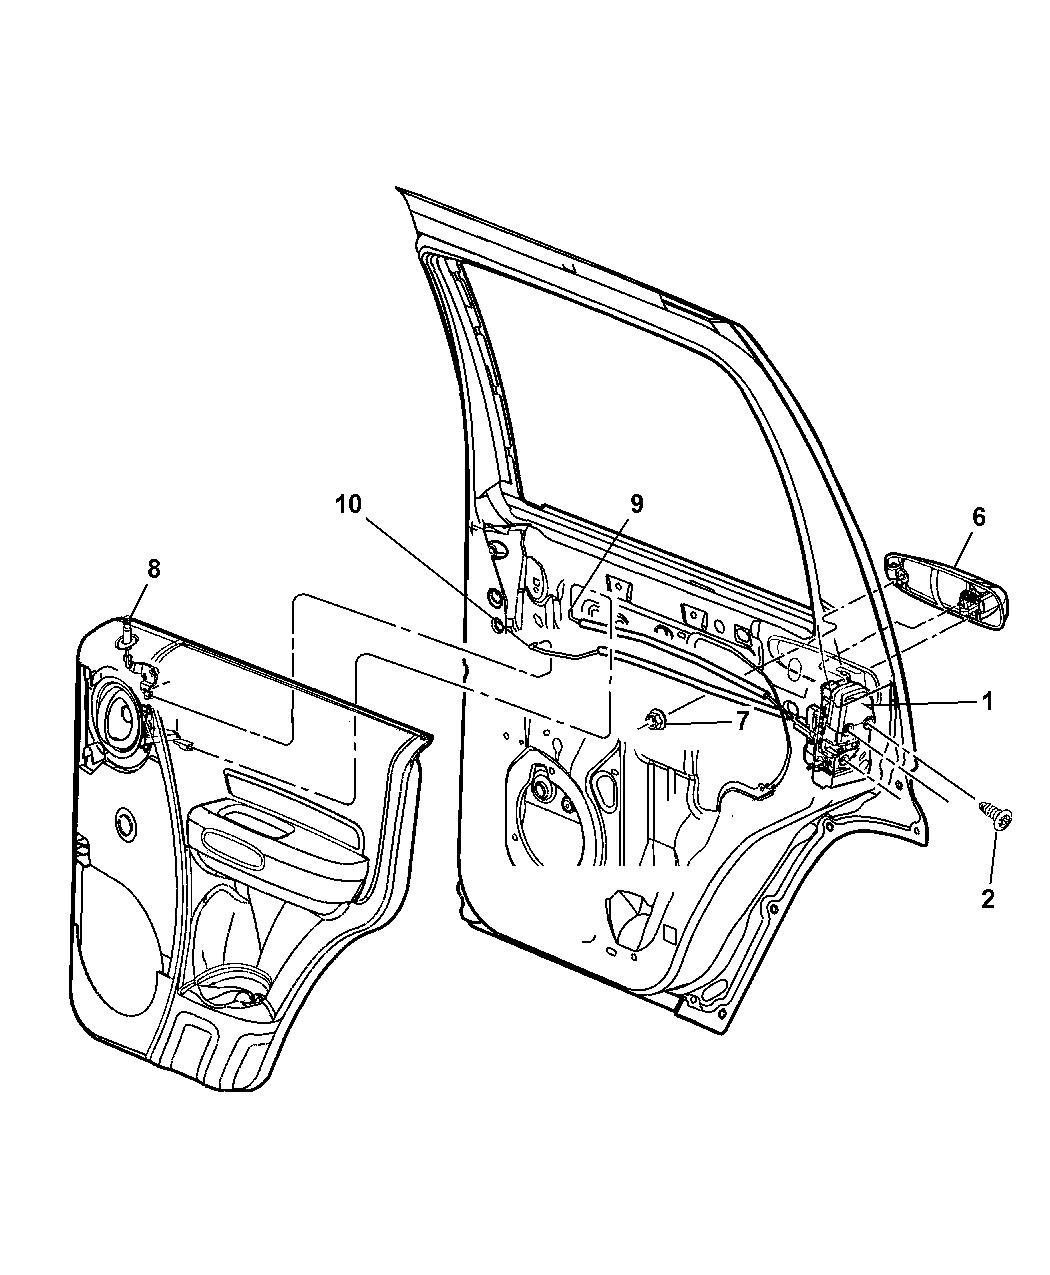 55177044aj - genuine jeep latch-rear door 2007 jeep liberty fuse diagram #2